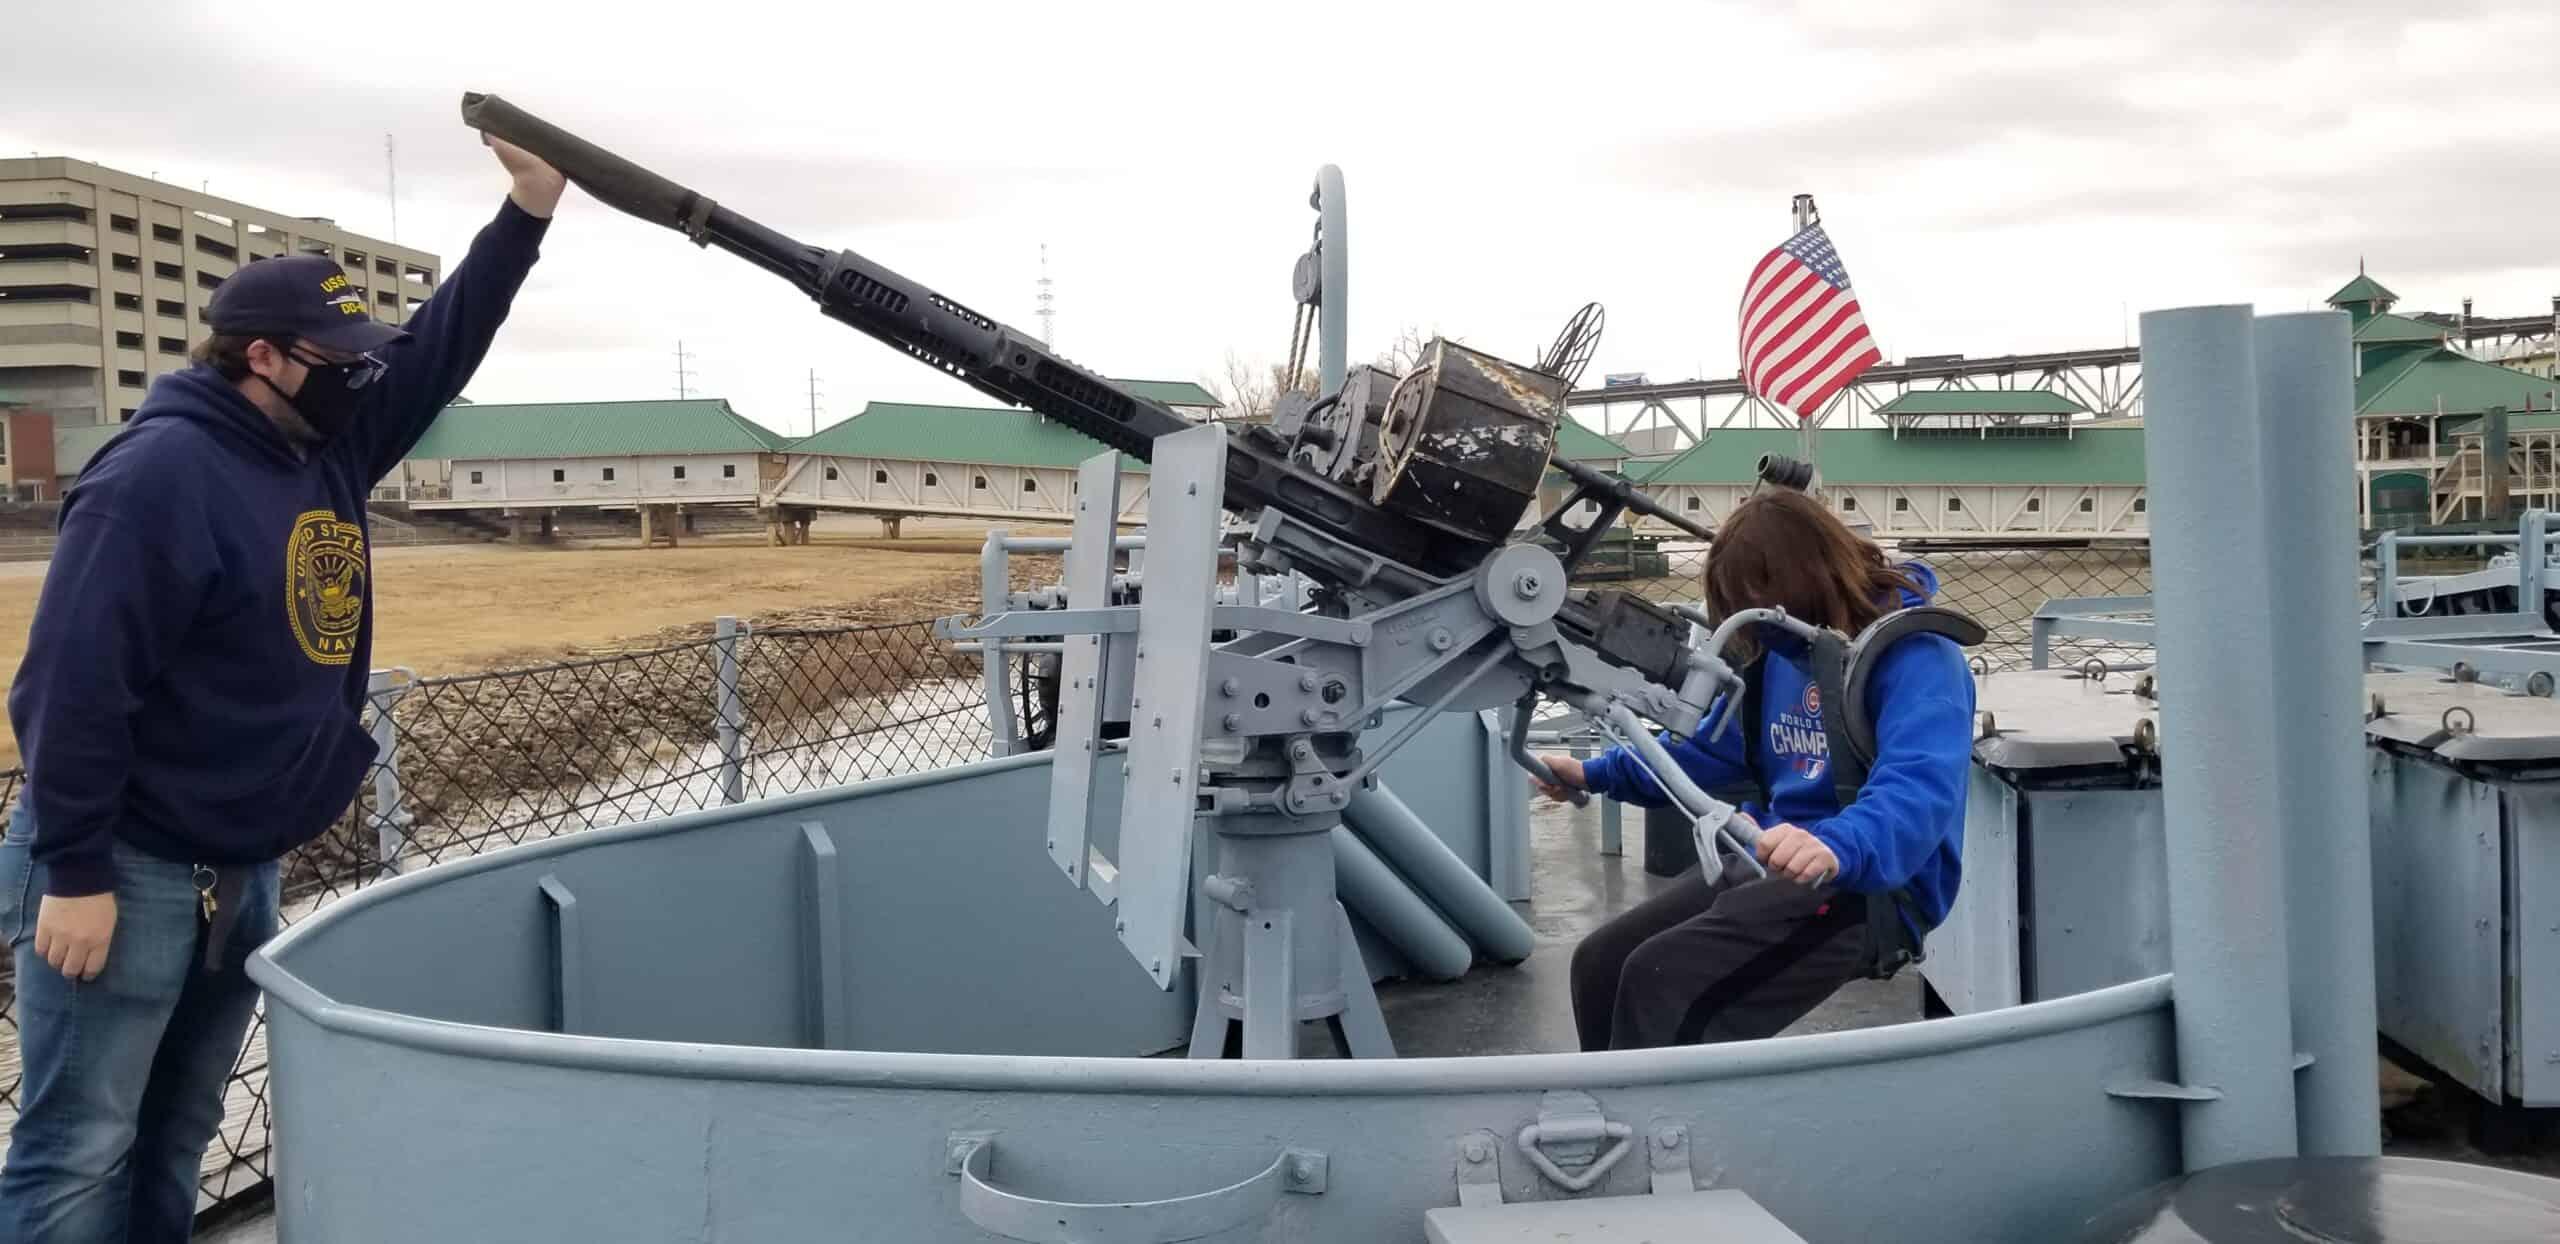 teenage boy on USS Kidd